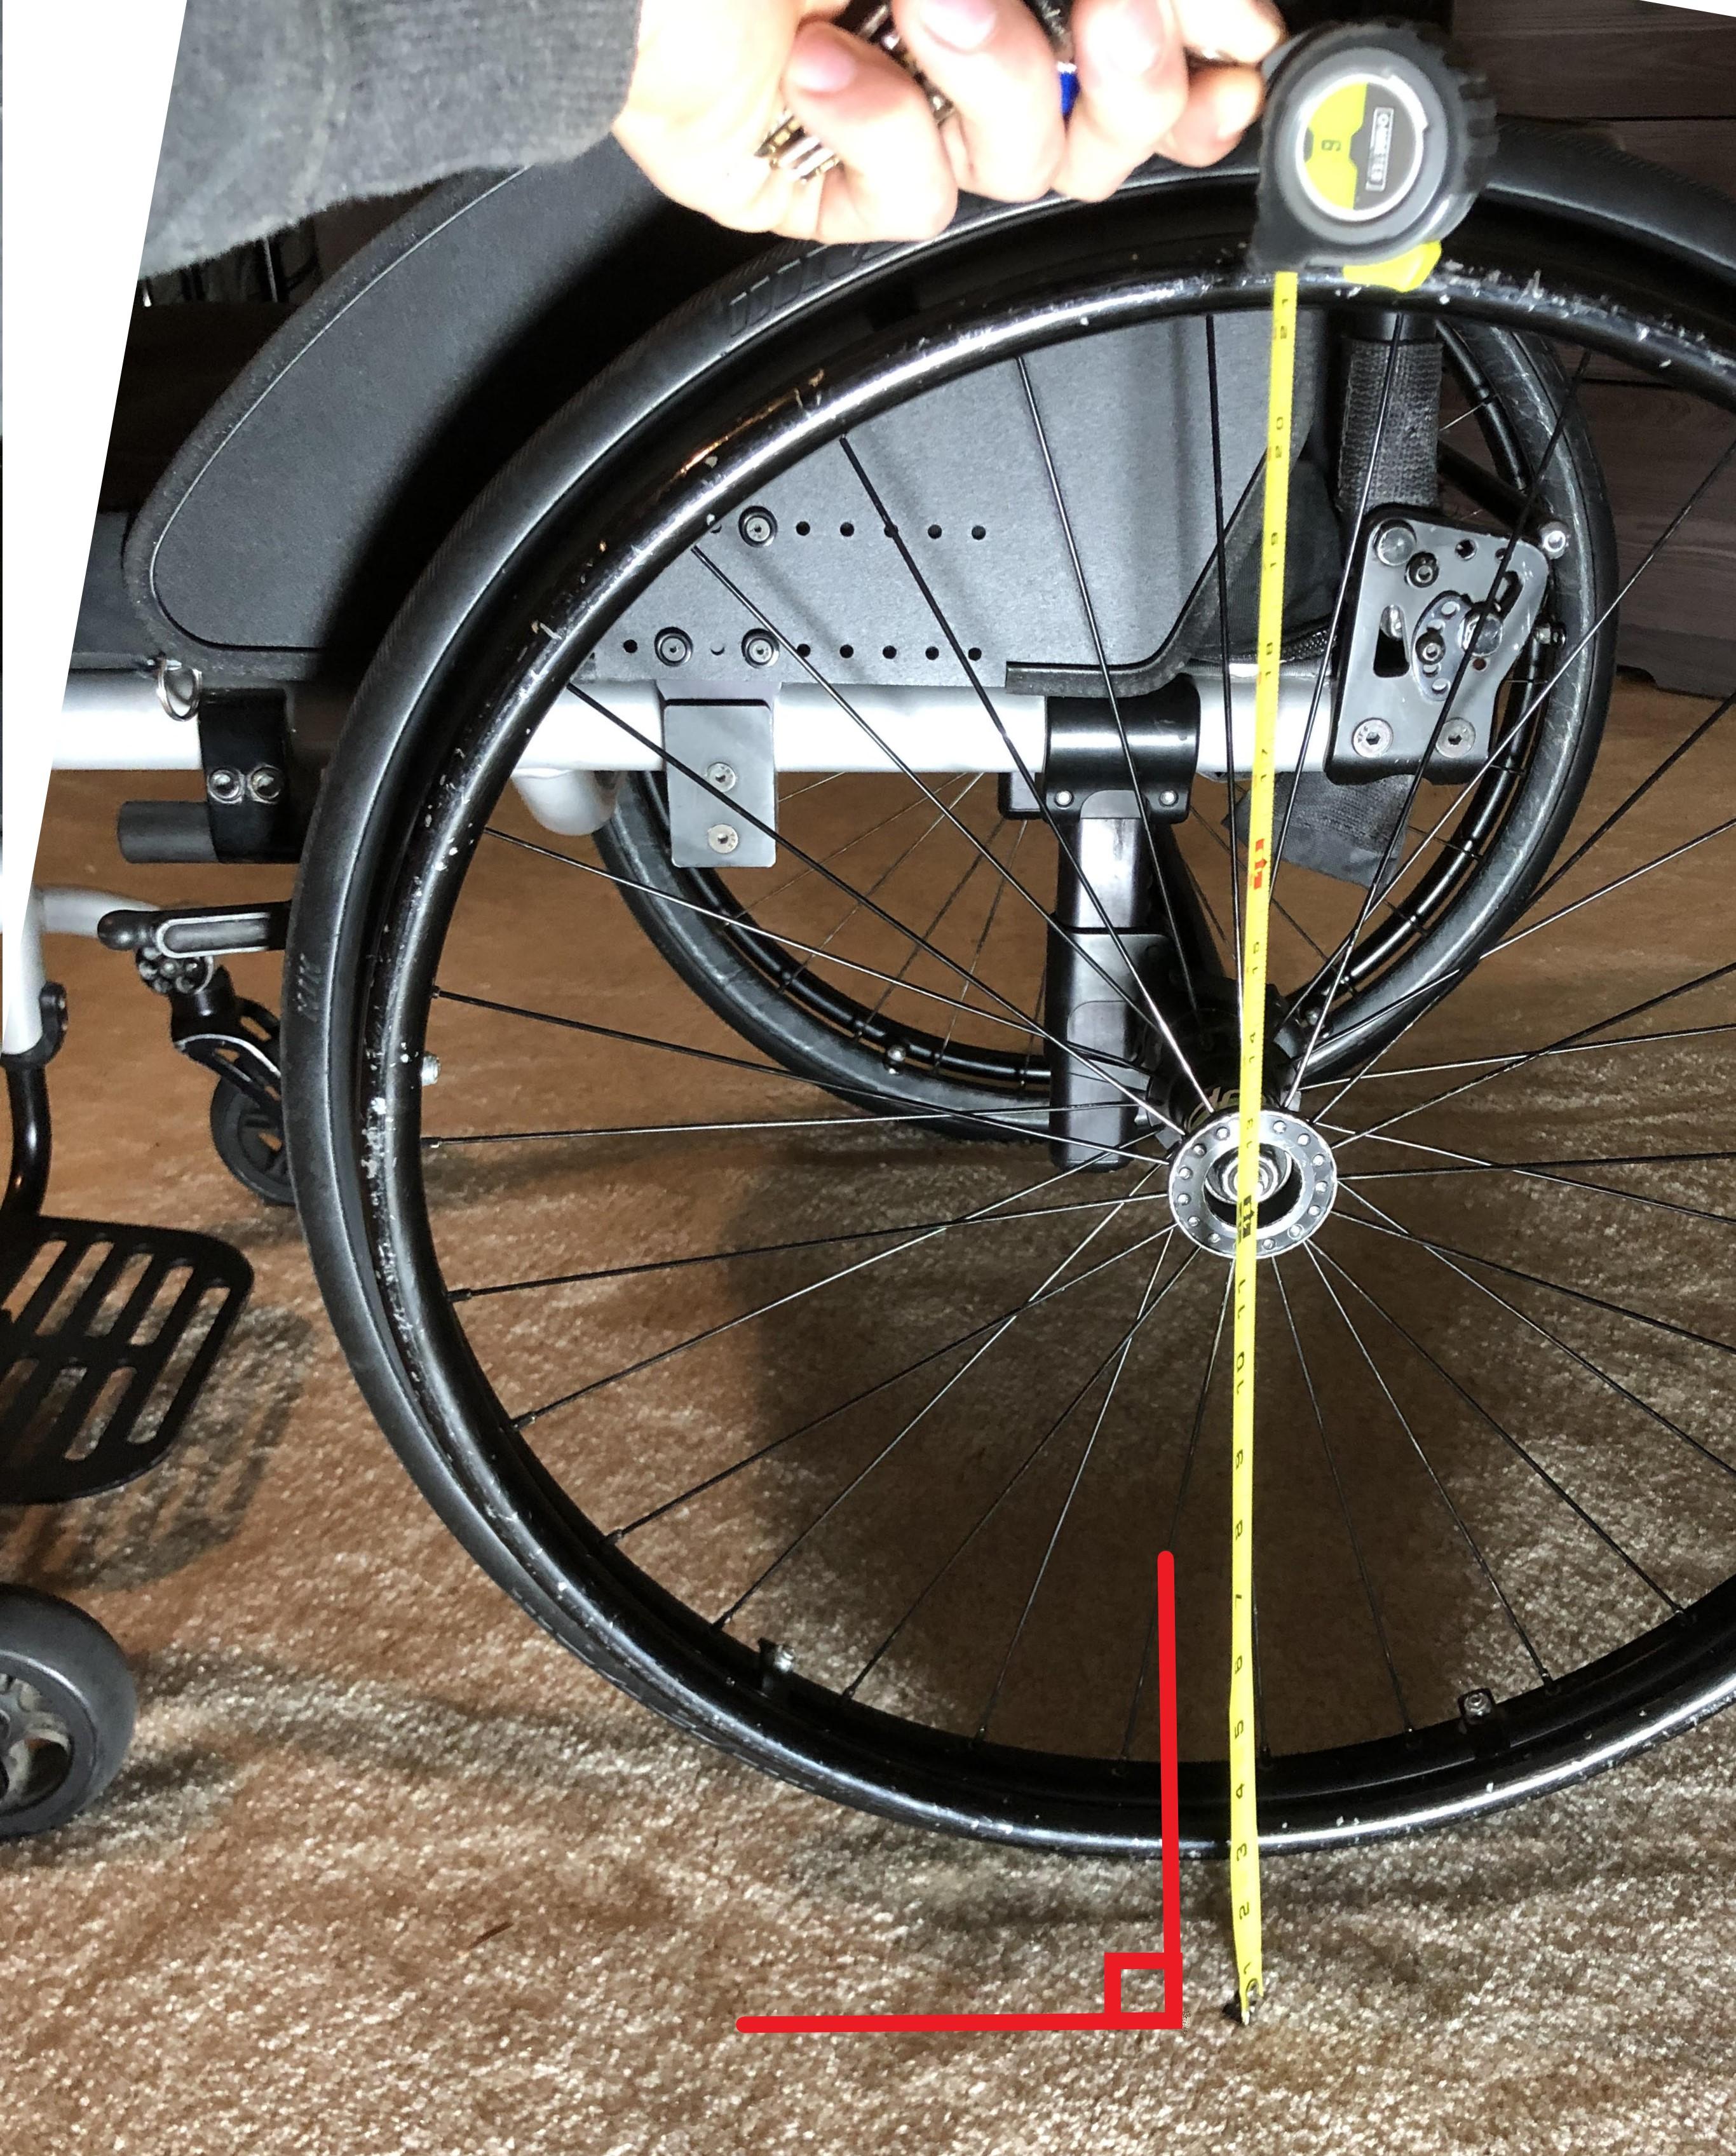 slick-skis-wheel-dimensions.jpg